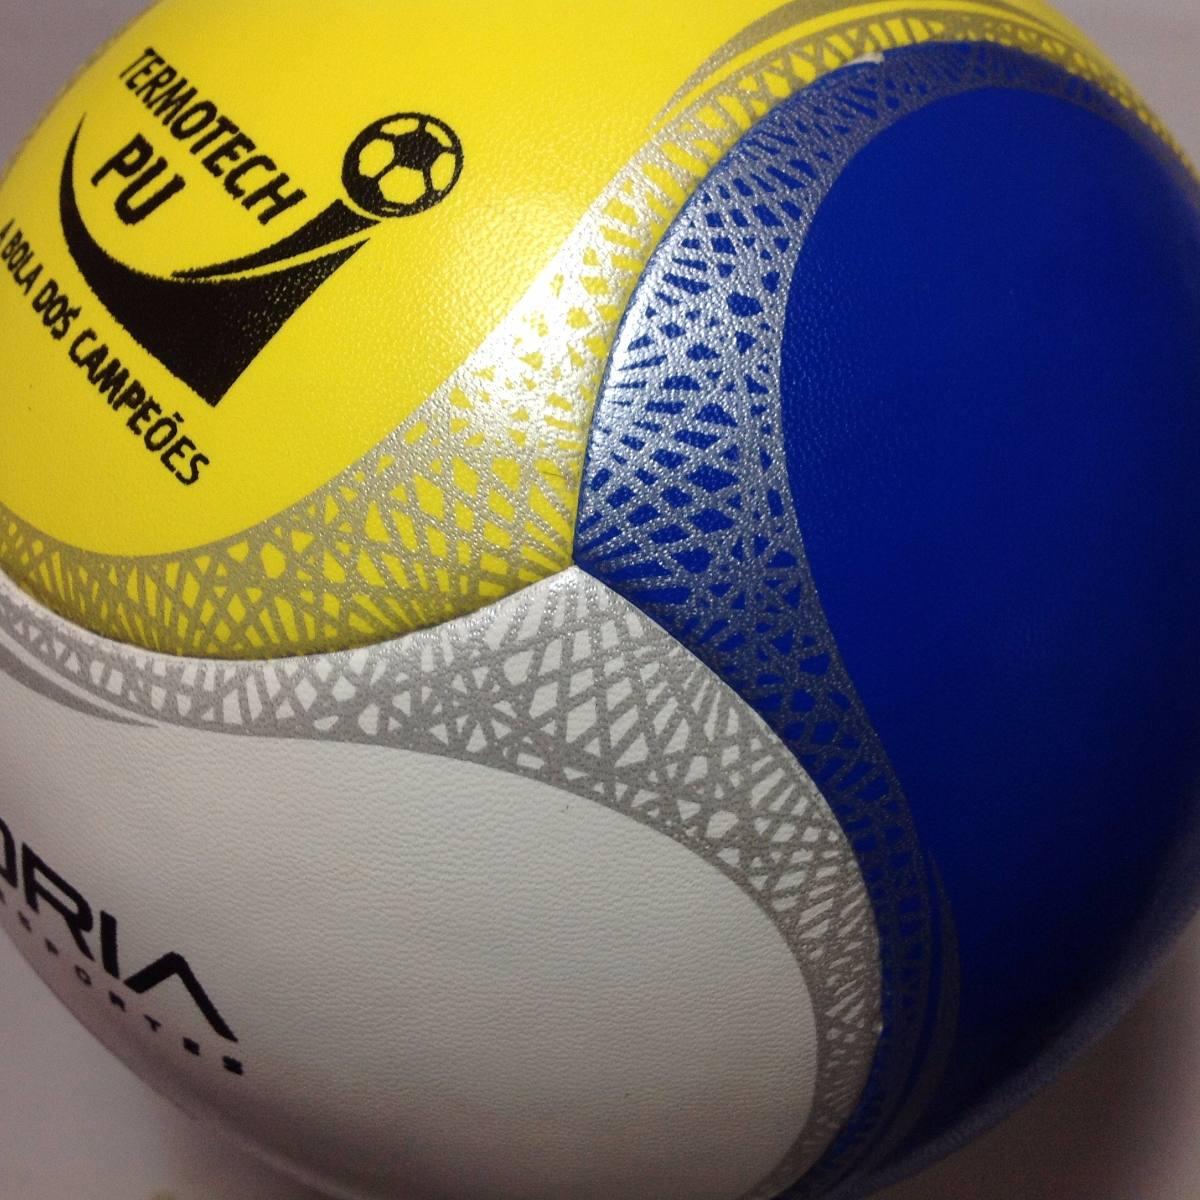 89c48e4f8a Carregando zoom... kit bola futsal vitória oficial termotec + acessórios